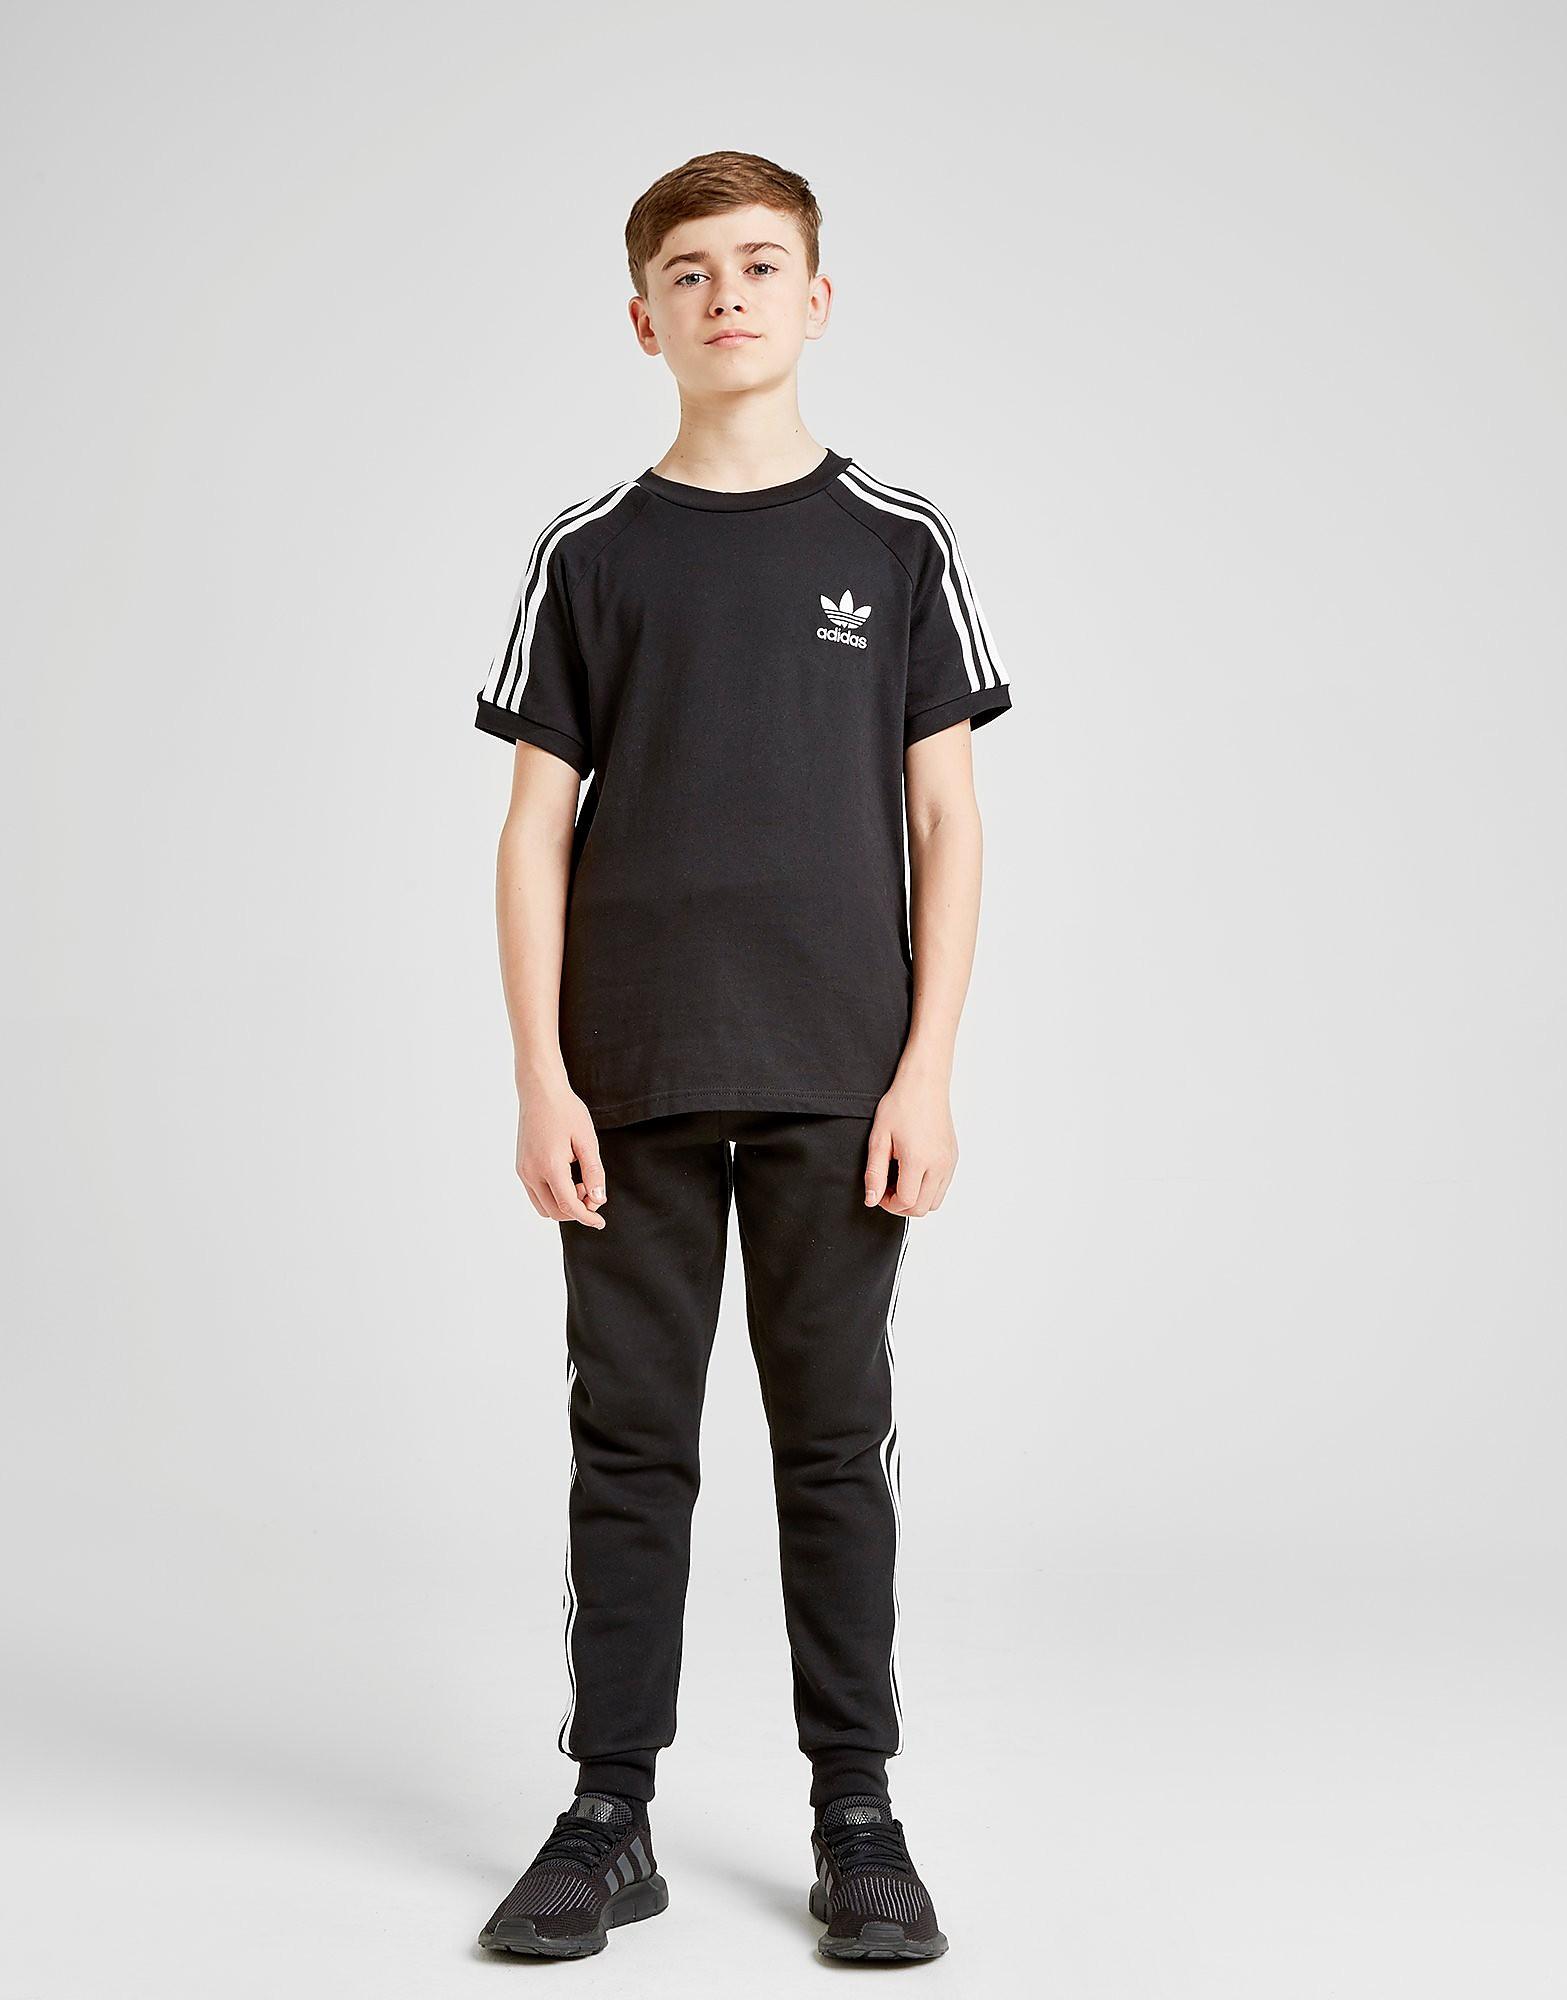 adidas Originals camiseta California júnior